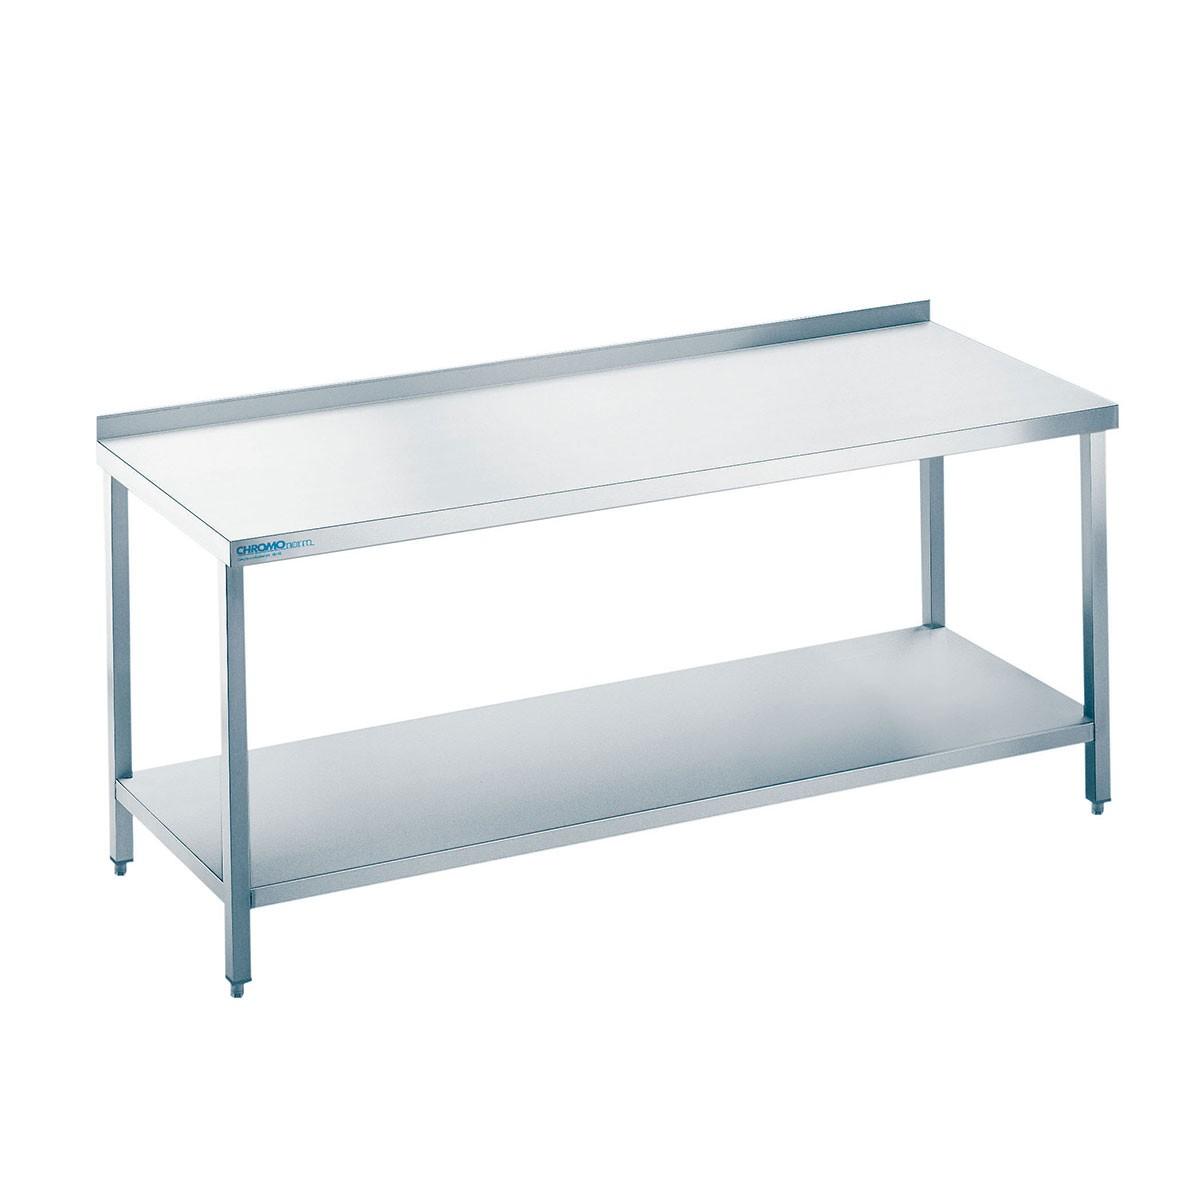 Edelstahl Arbeitstisch mit Zwischenboden TZ0714C0000 Chromonorm 700mm x 1400mm